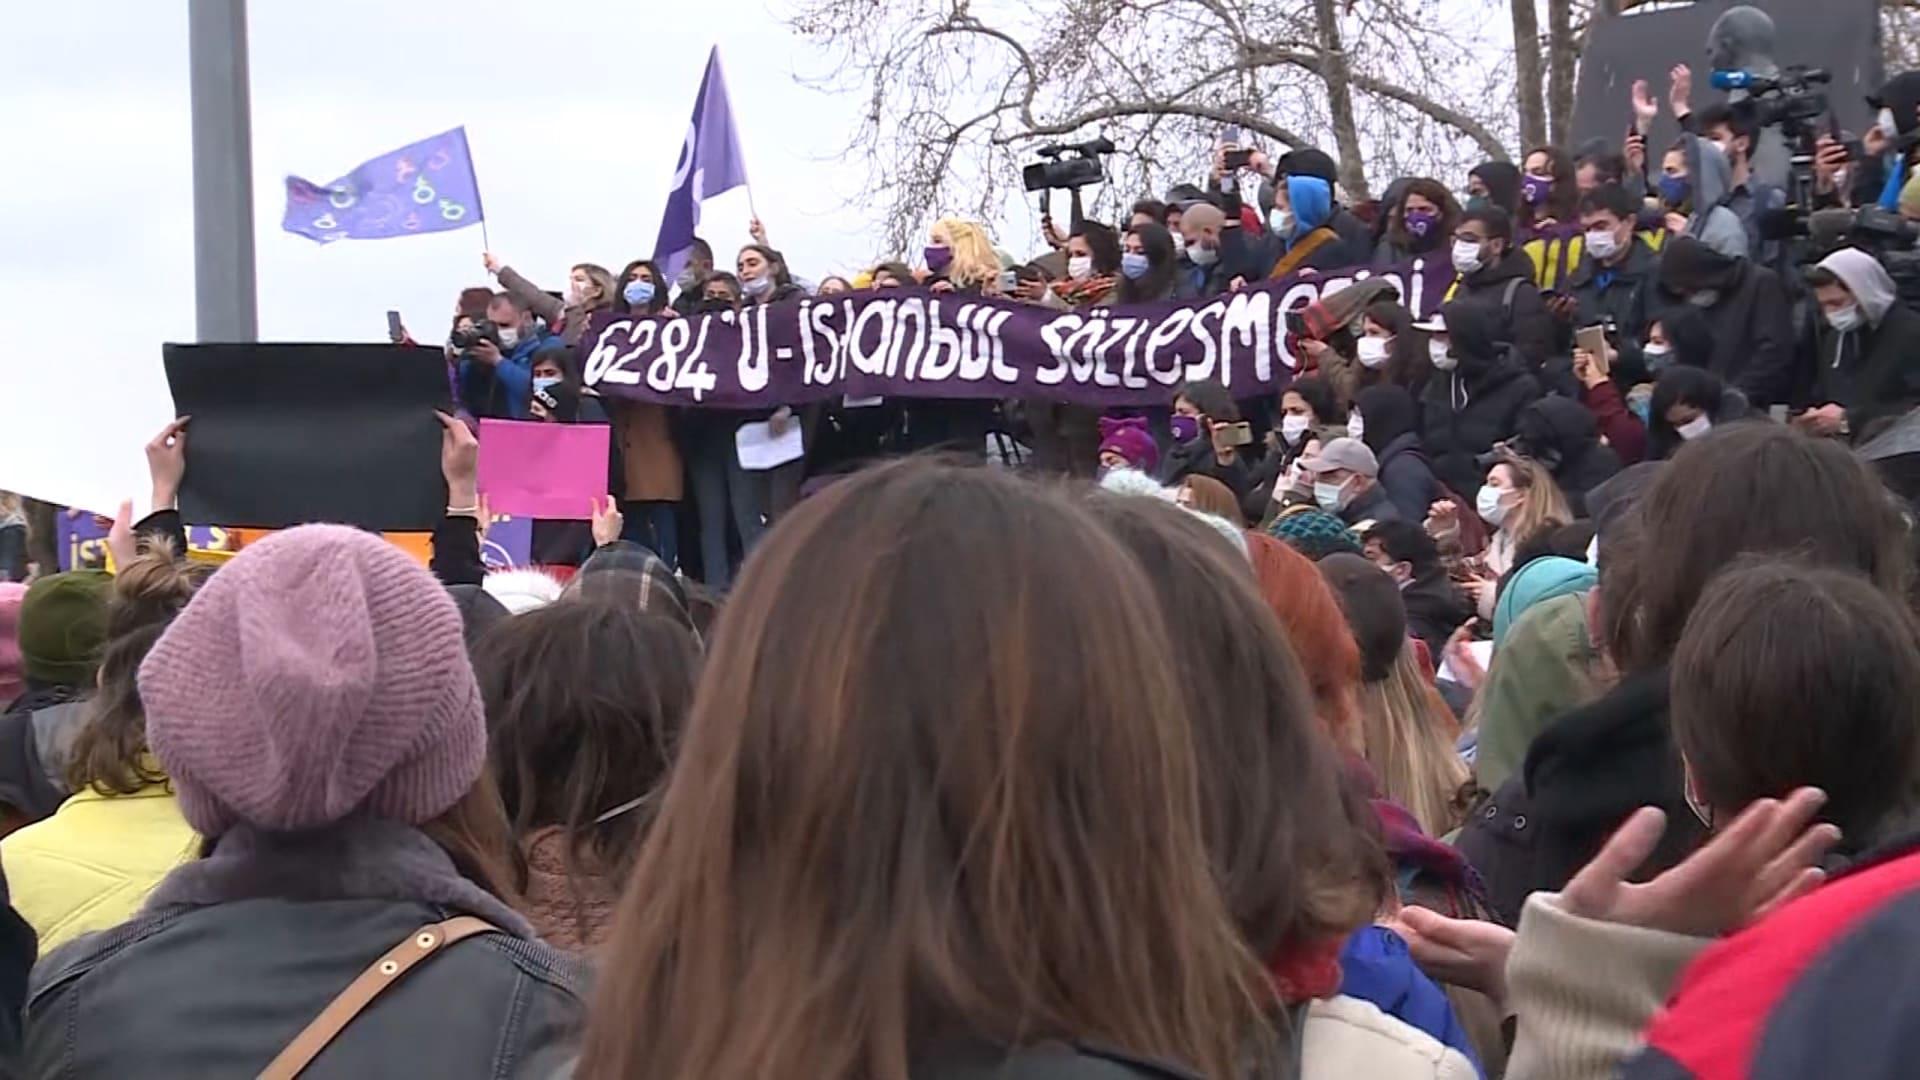 احتجاجات في تركيا بعد انسحاب الحكومة من اتفاقية لحماية المرأة